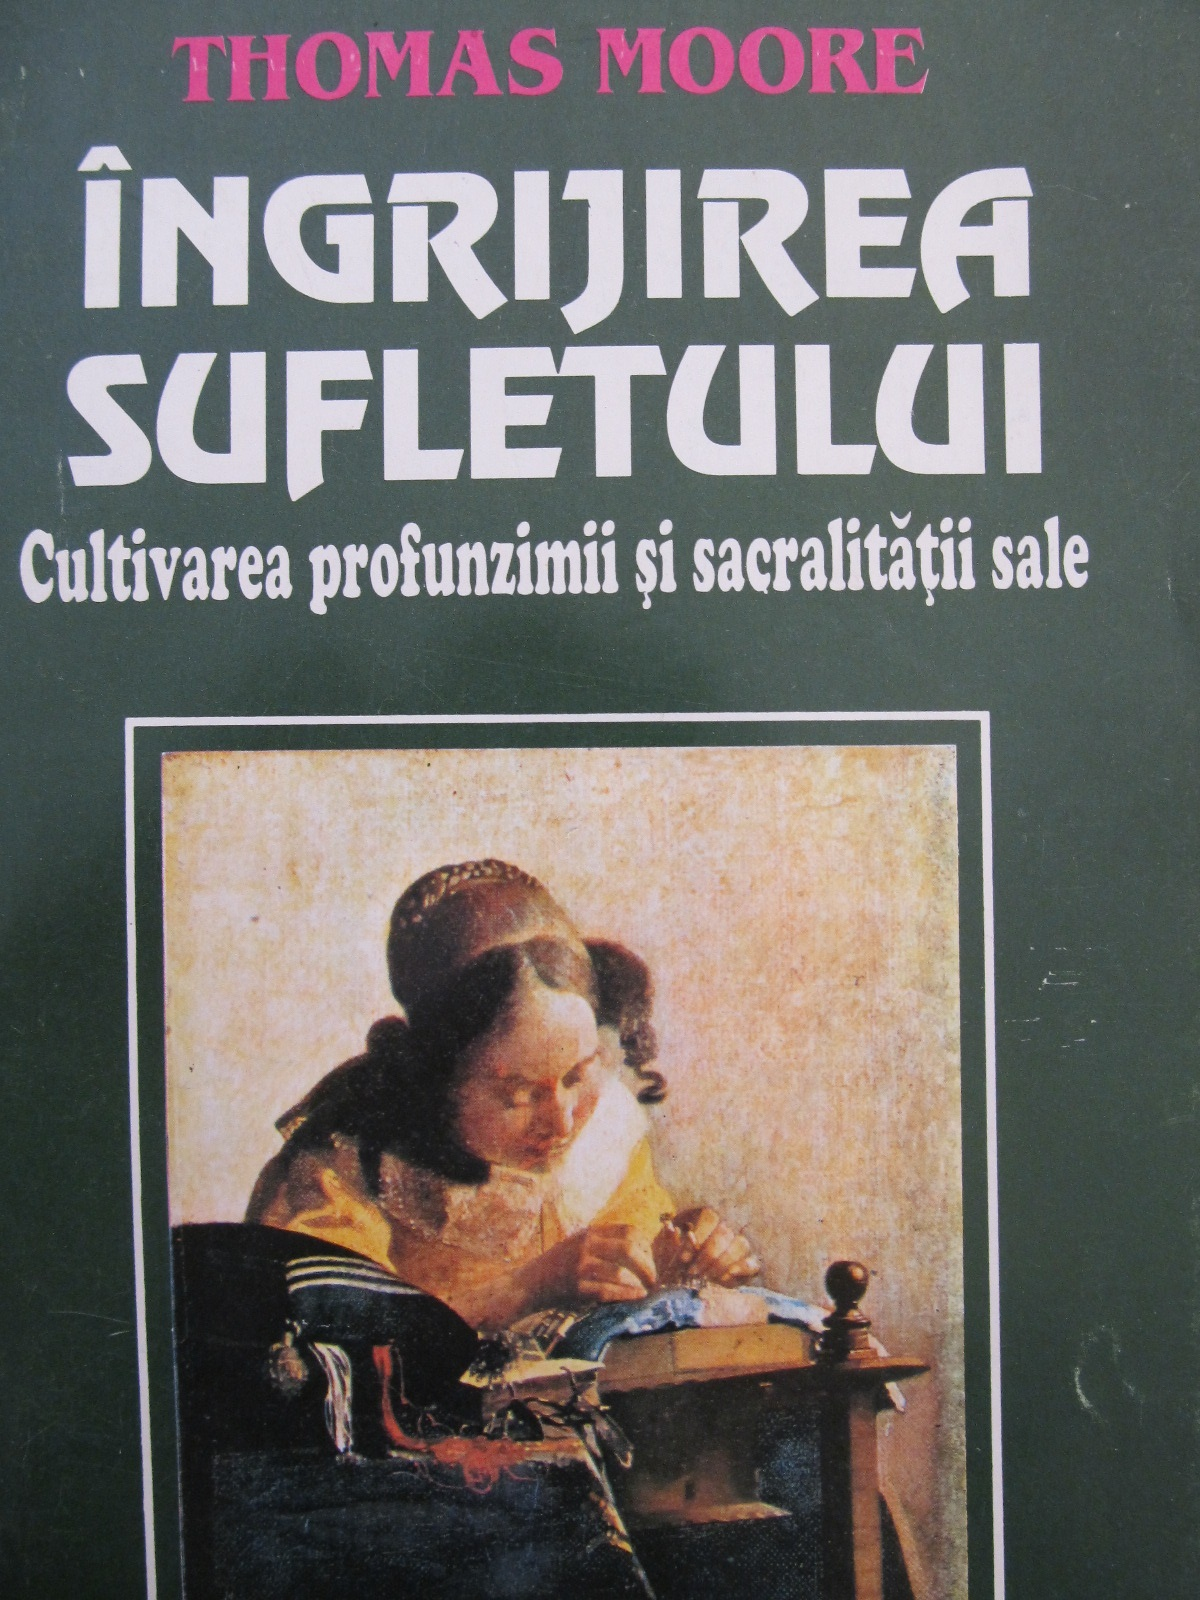 Carte Ingrijirea sufletului - Cultivarea profunzimii si sacralitatii sale - Thomas Moore